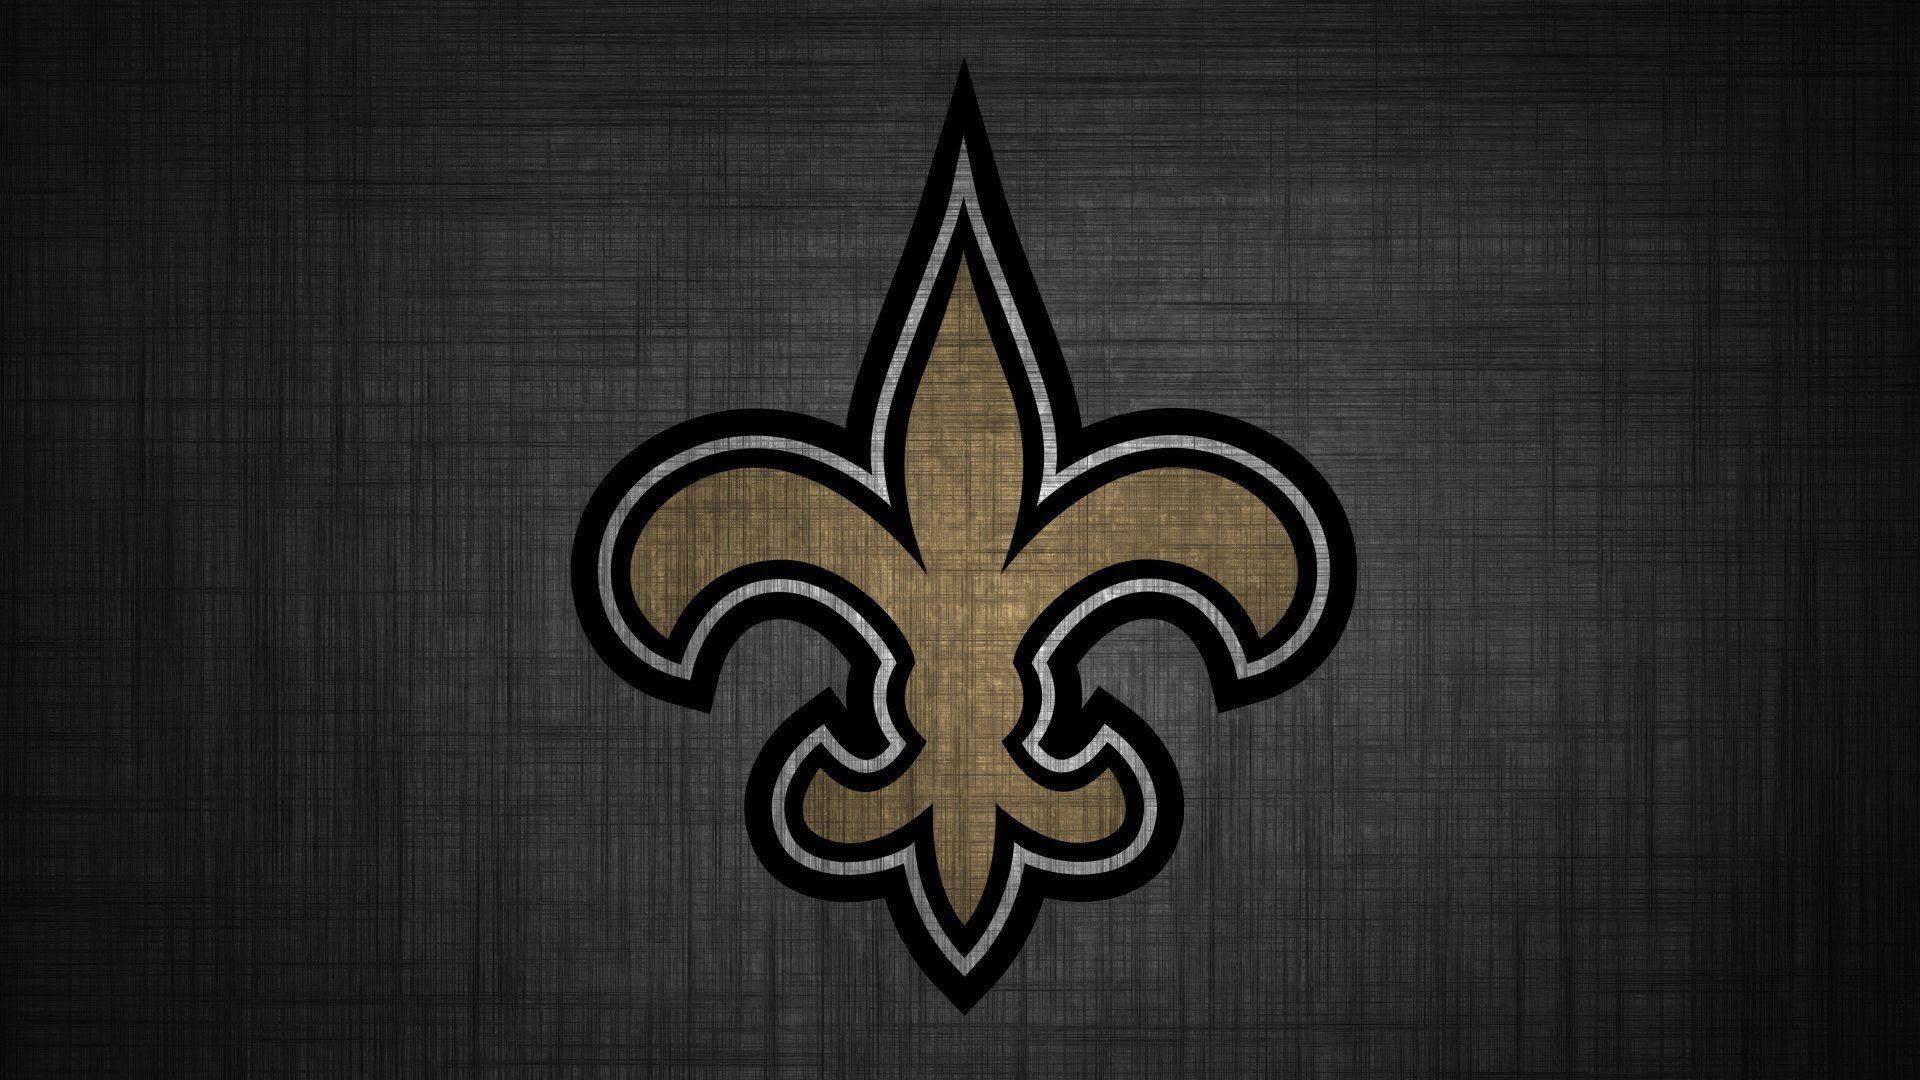 New Orleans Saints Wallpaper Hd 73 Images